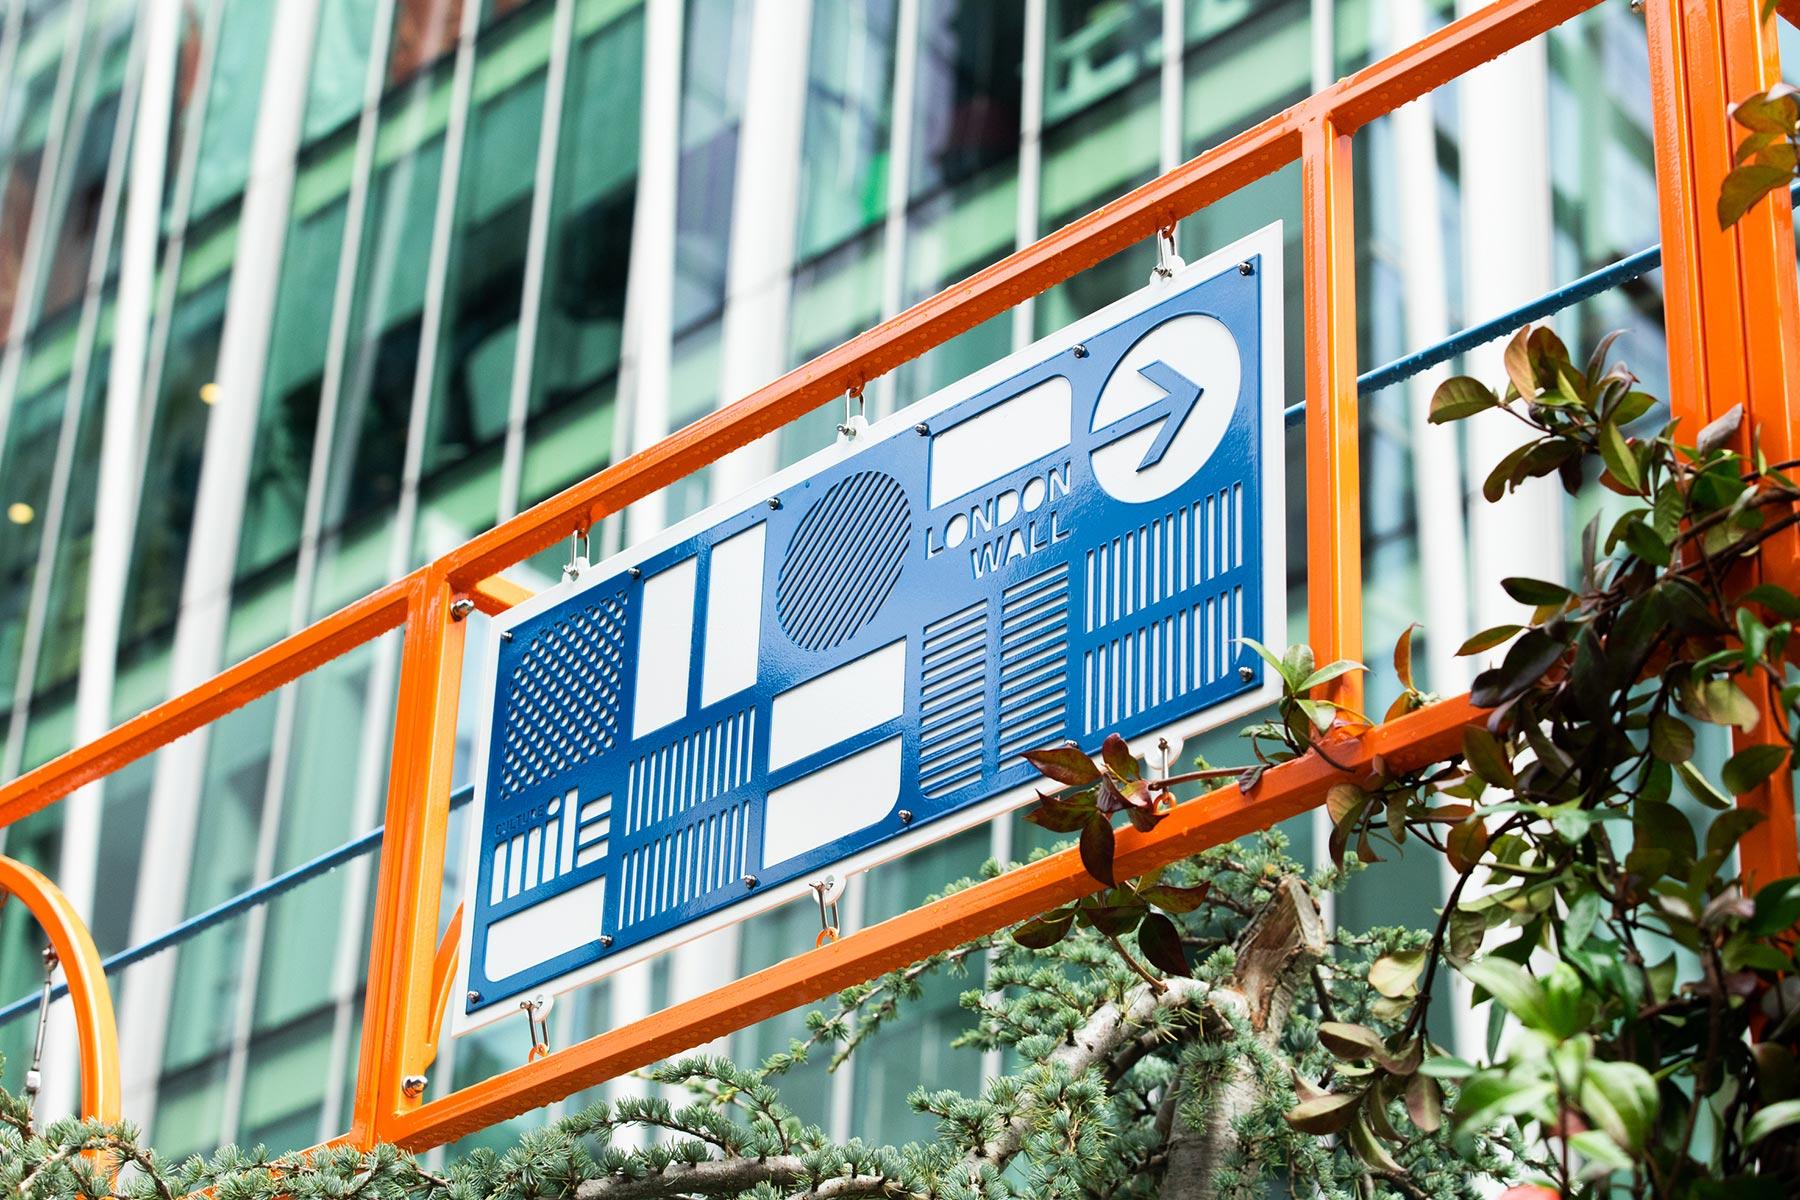 Moor lane community garden signage overhead